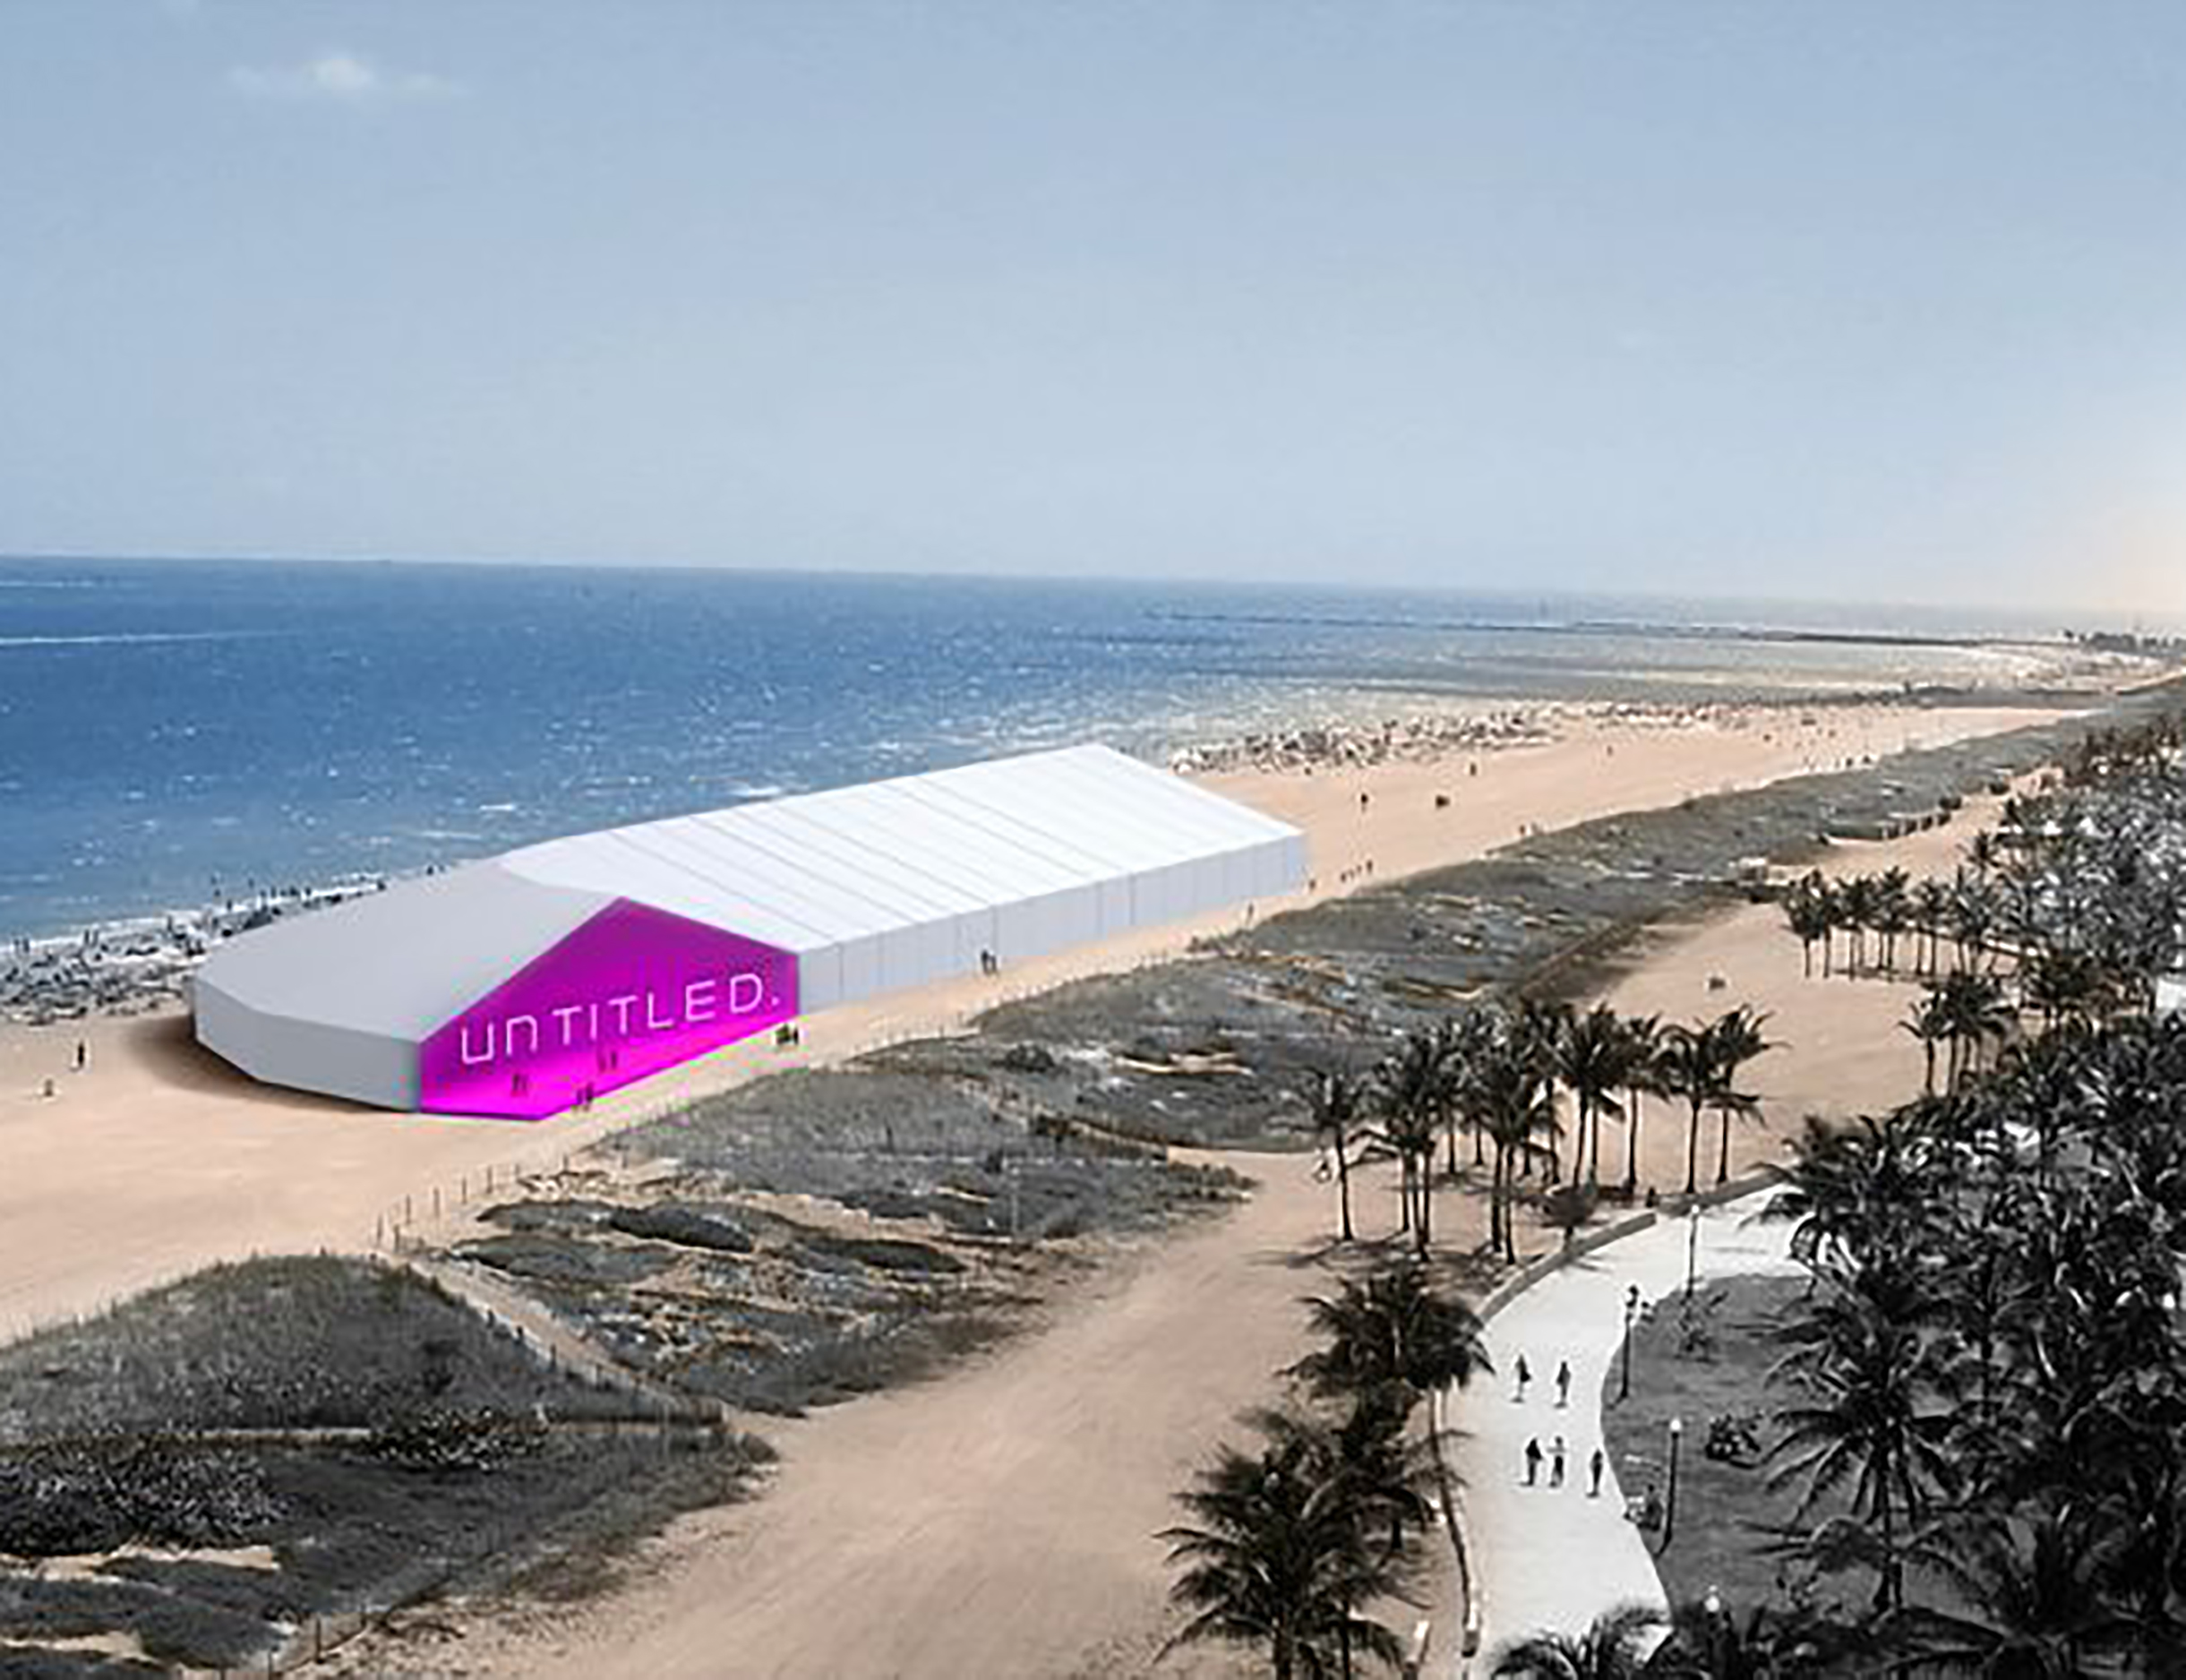 UNTITLED. MIAMI BEACH 2014  Marso Galería | B29 3-7 December 2014